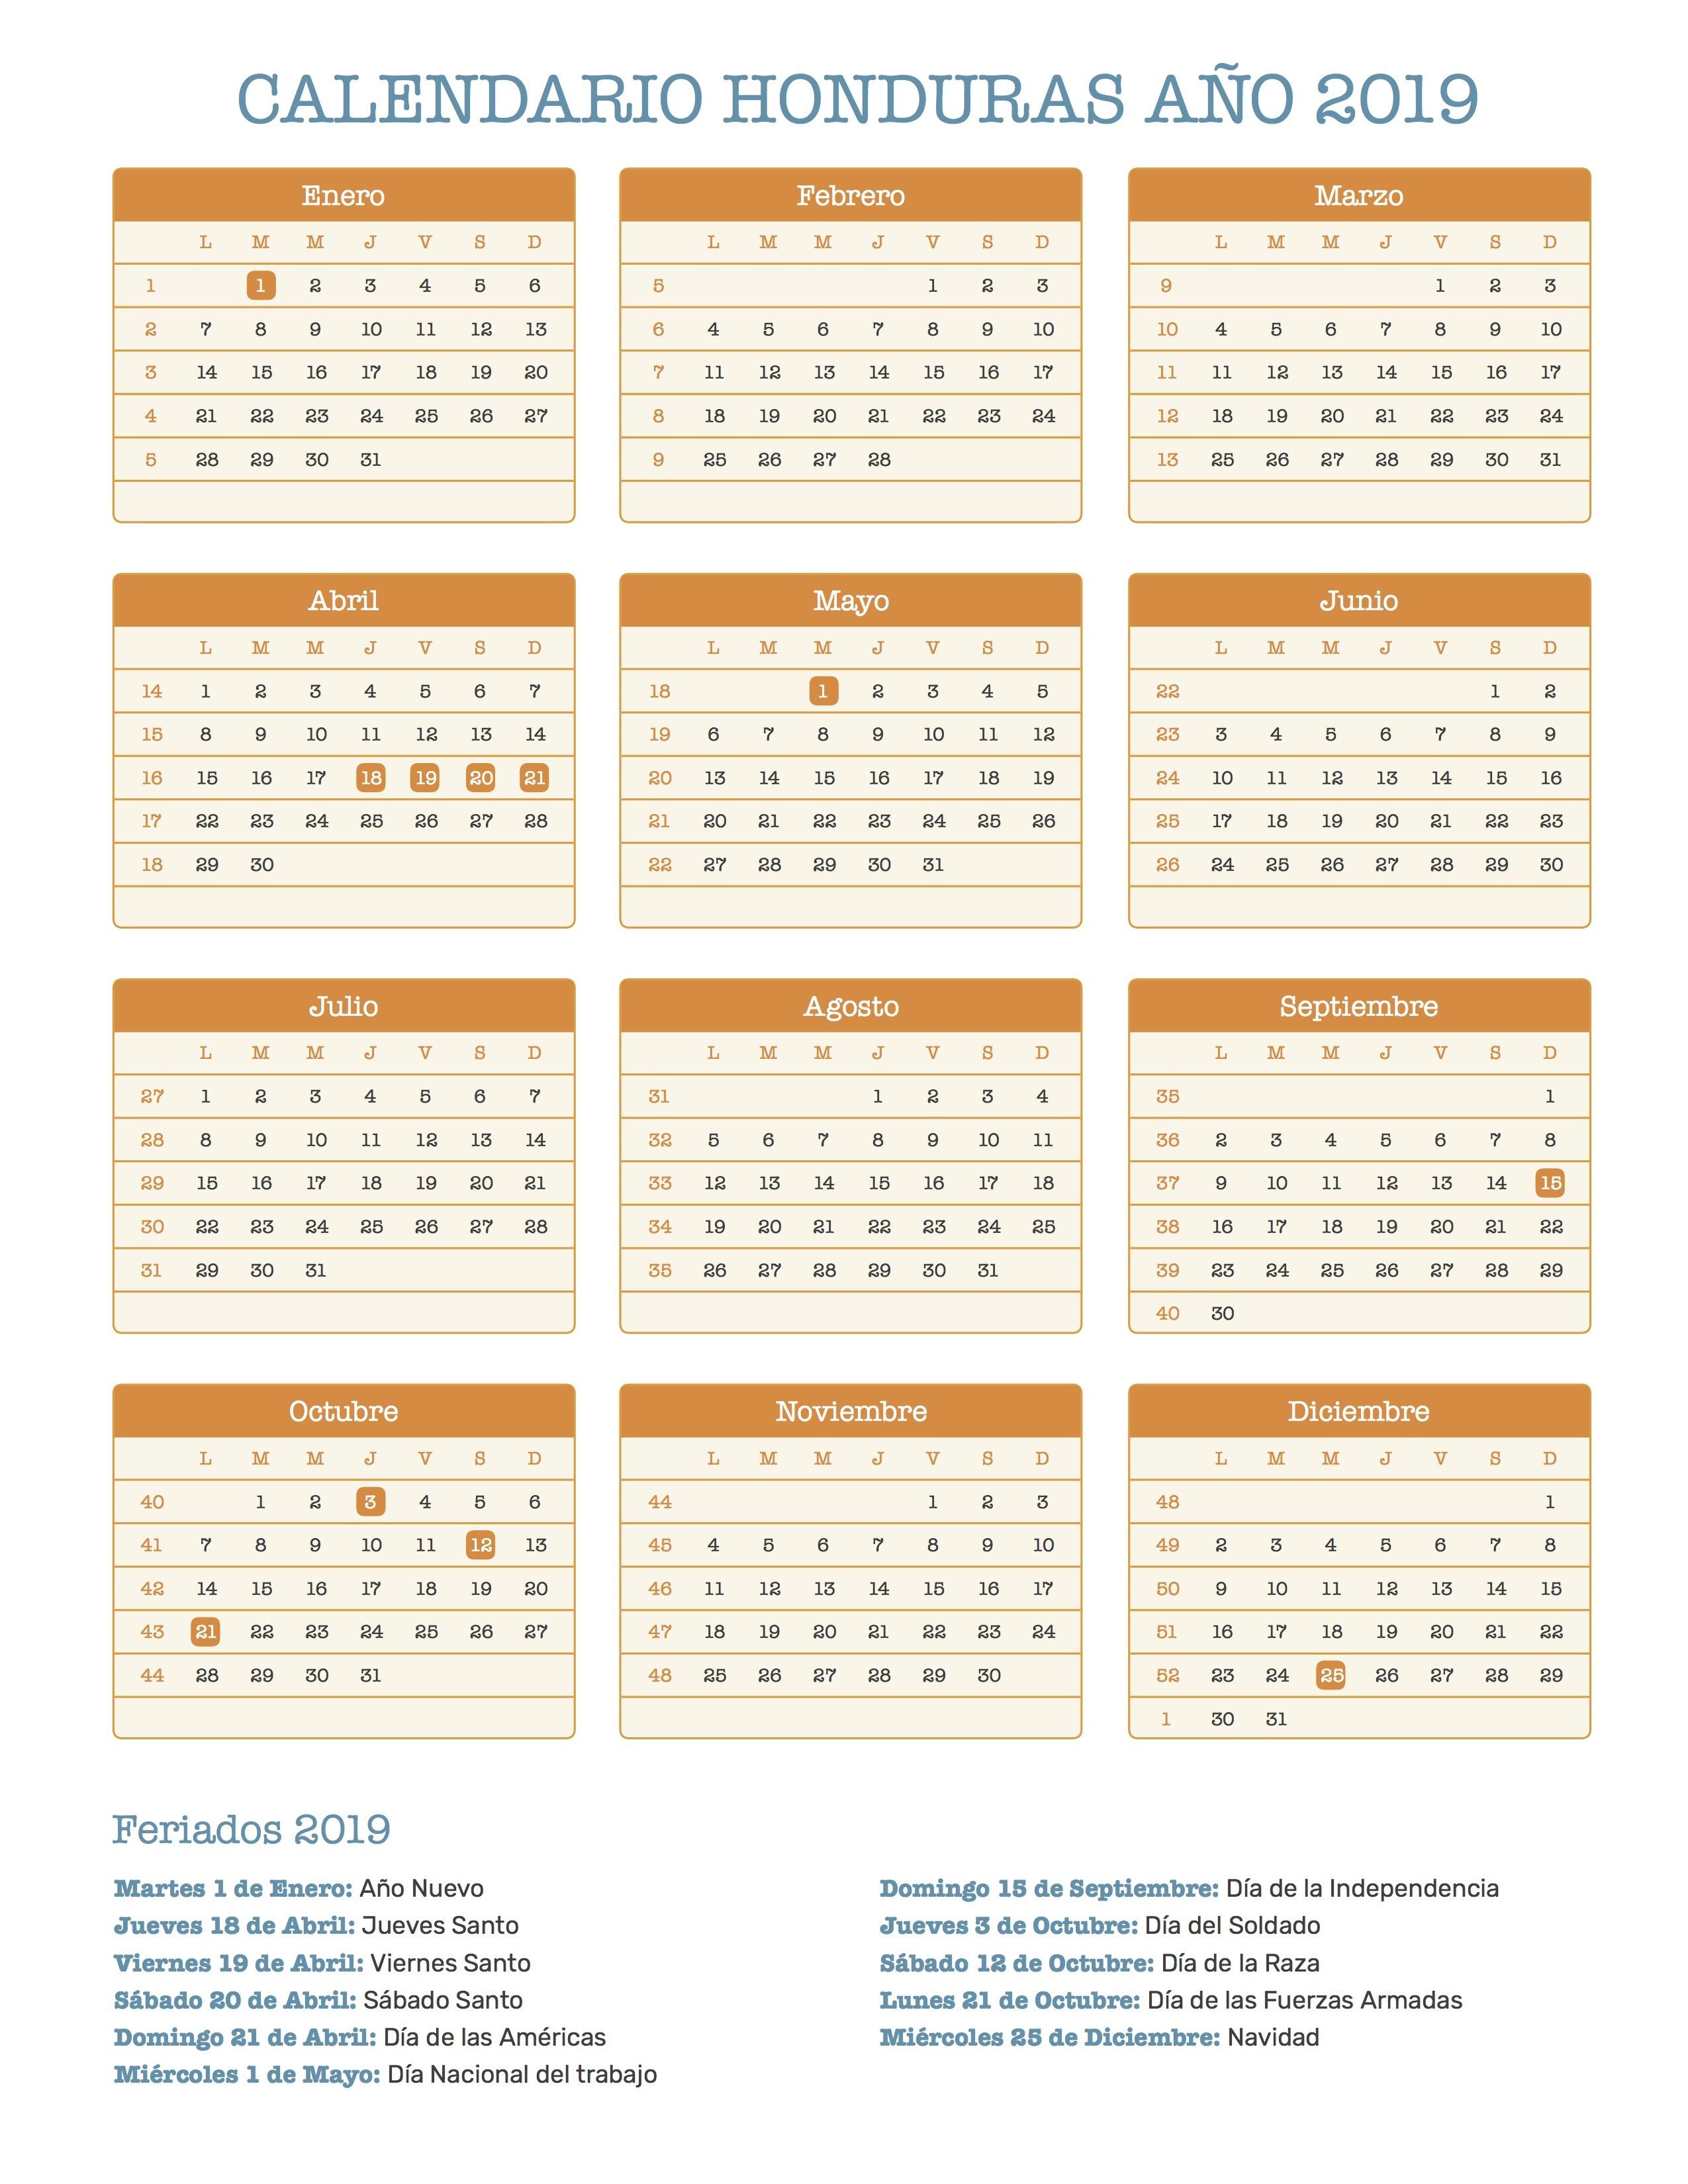 Calendario 2019 Descargar Gratis Más Recientes Calendario Abril Chile Con Notas 2019 Calendario Abril 2019